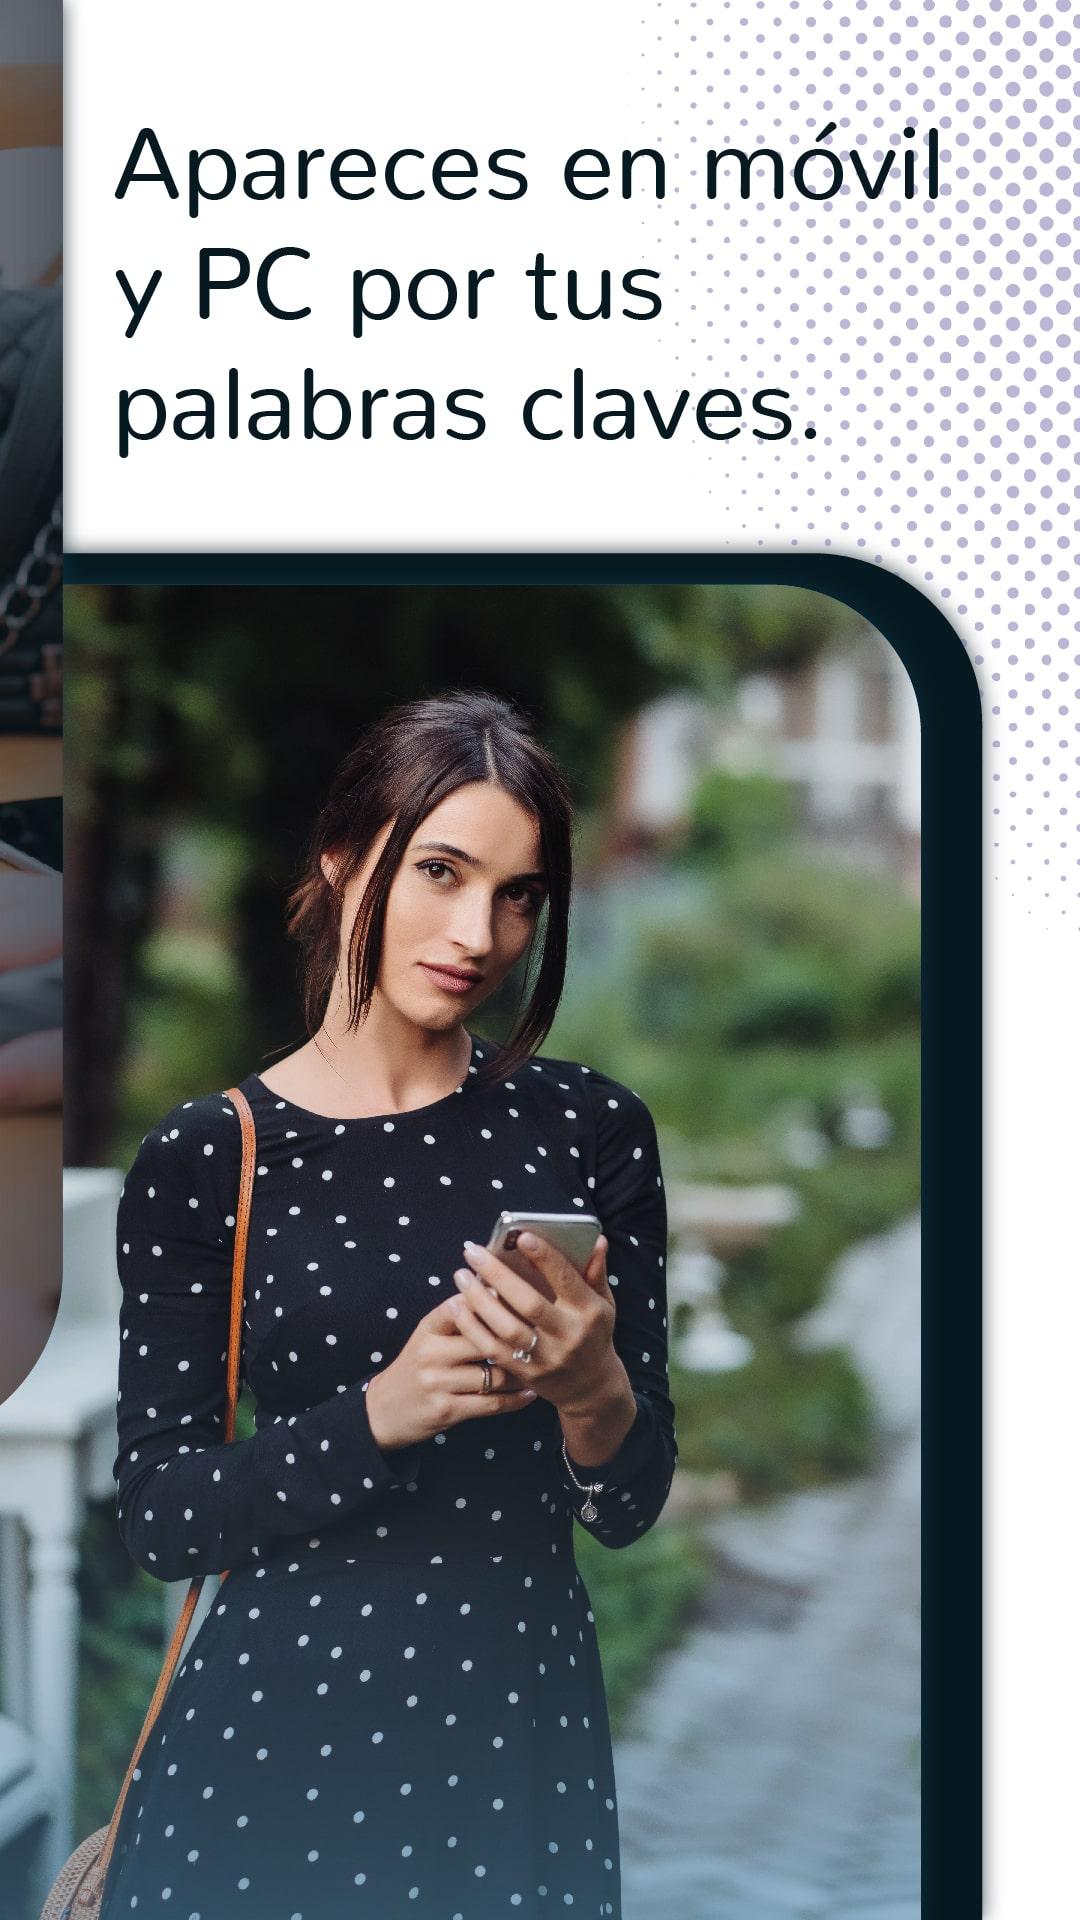 cuando un potencial cliente busque por tus palabras claves puede aparecer tu anuncio tanto en celulares como en computadoras